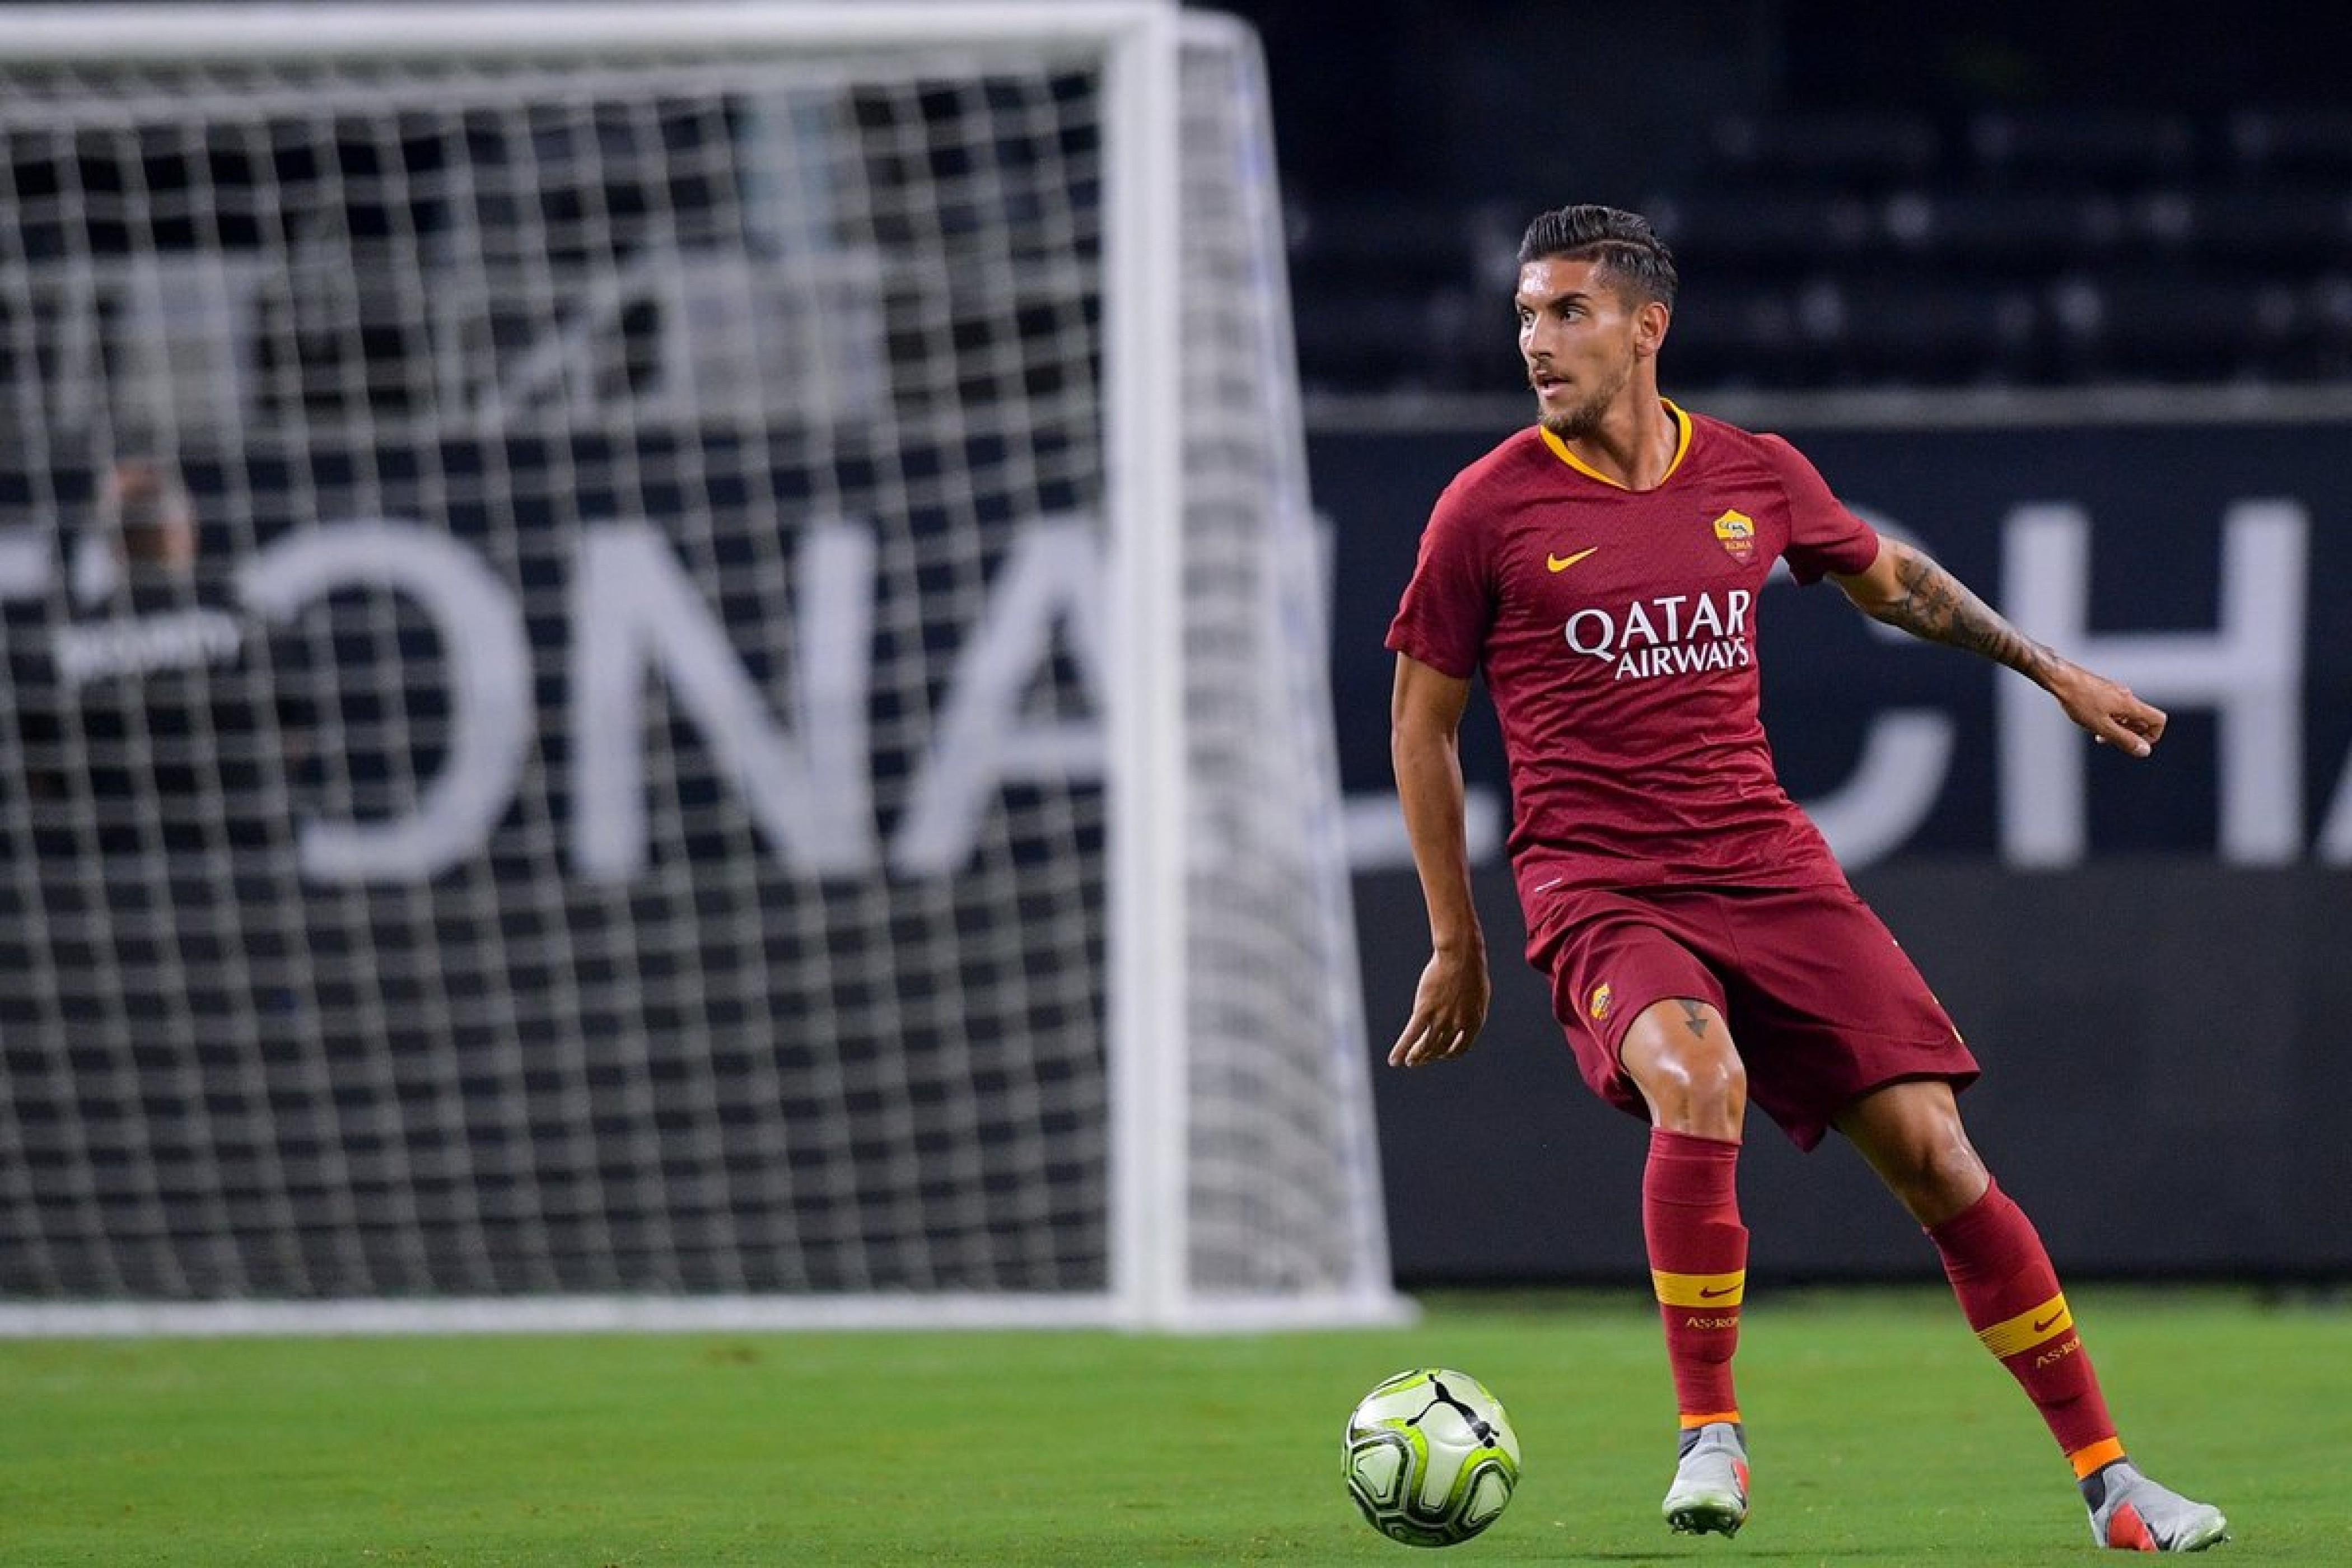 Serie A: la Roma vuole riscattarsi, il Chievo Verona cerca punti per risalire la classifica